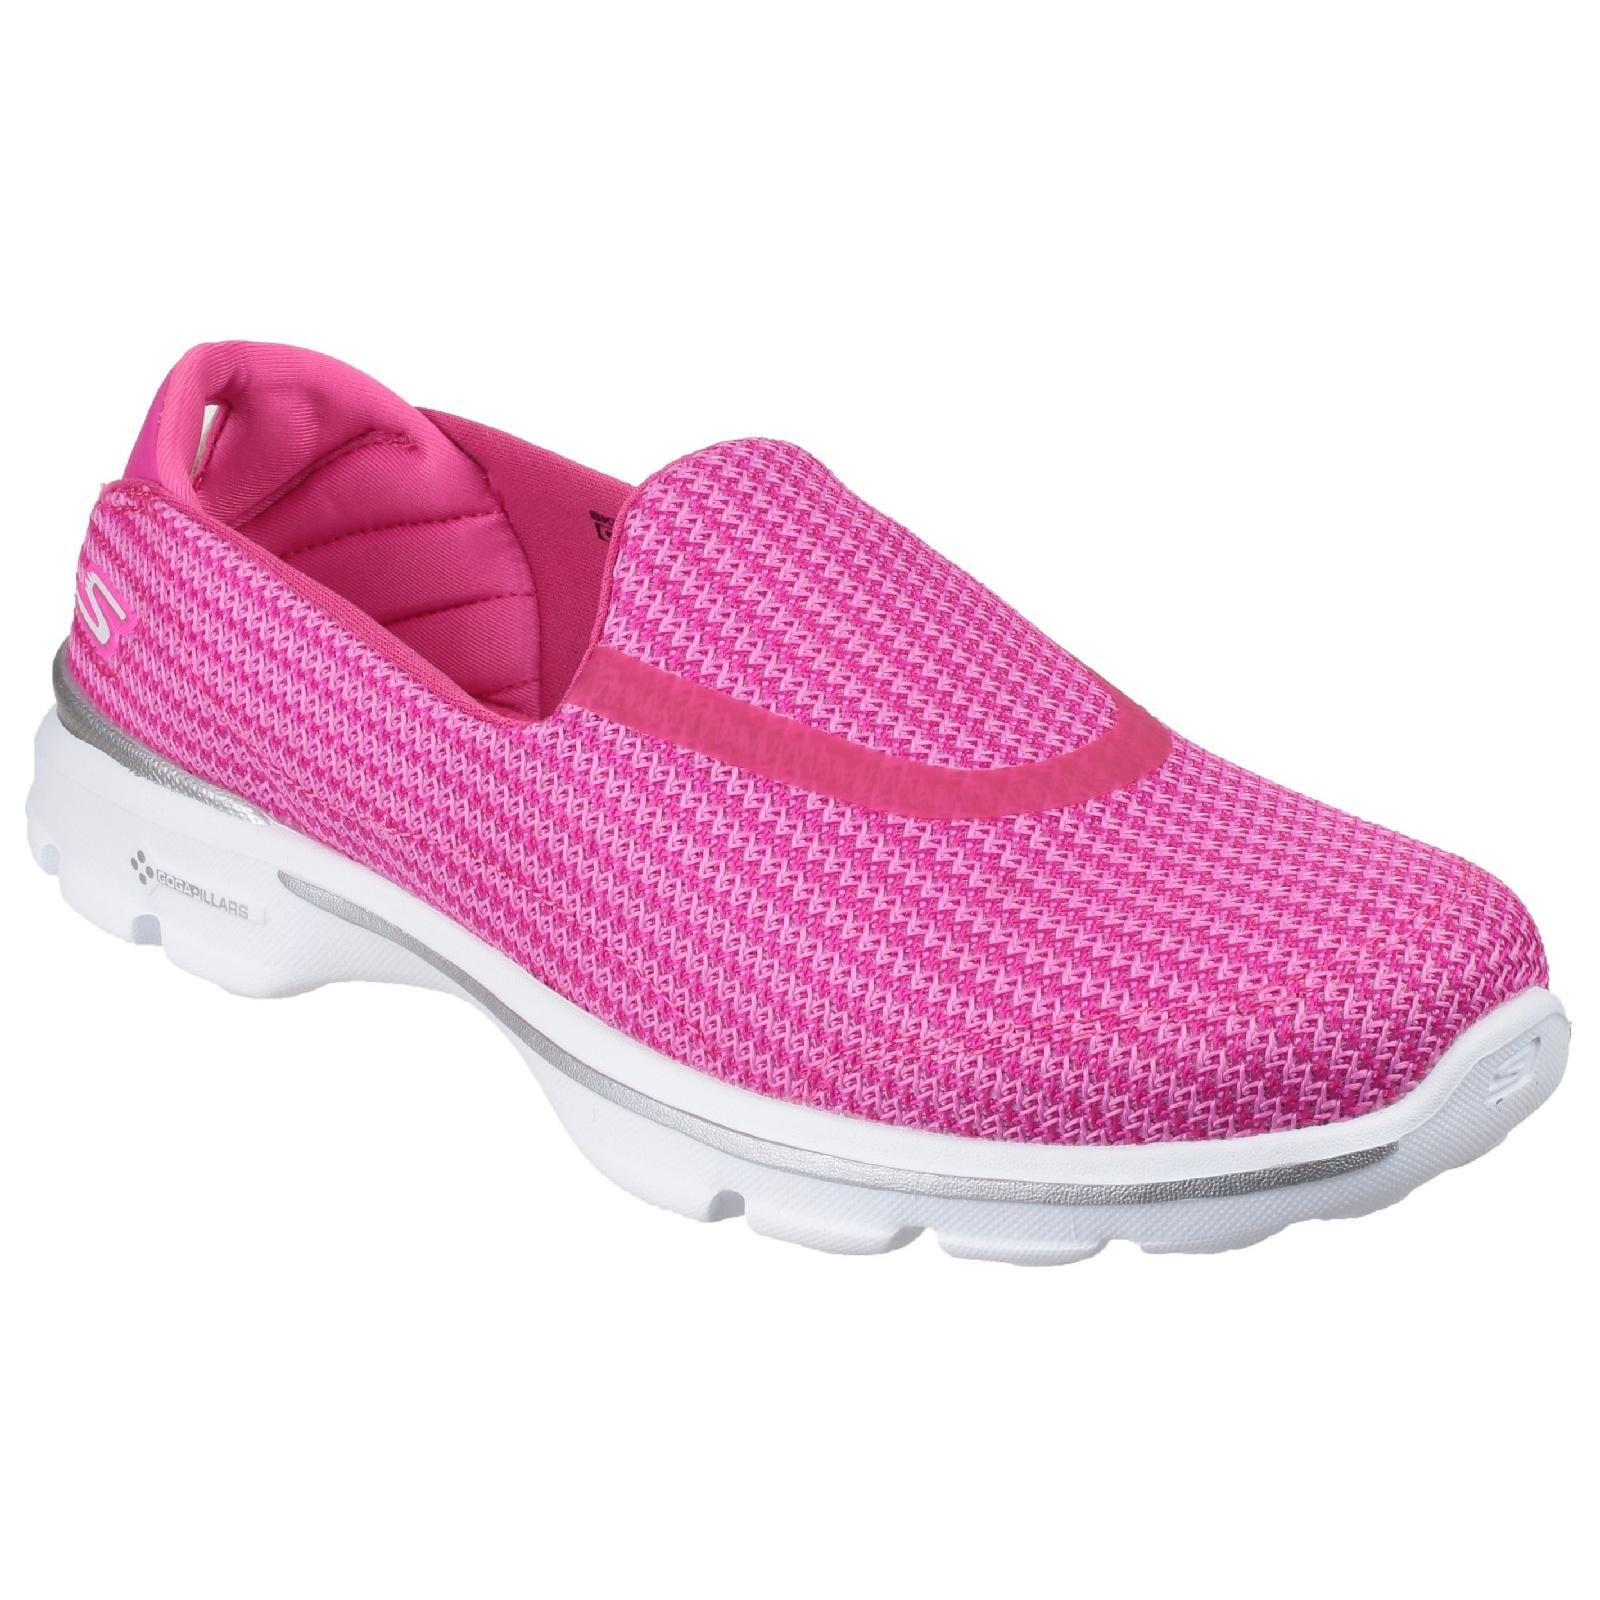 Skechers Damen Walk Go Walk Damen 3 Sportschuhe (FS3361) 23cb3e